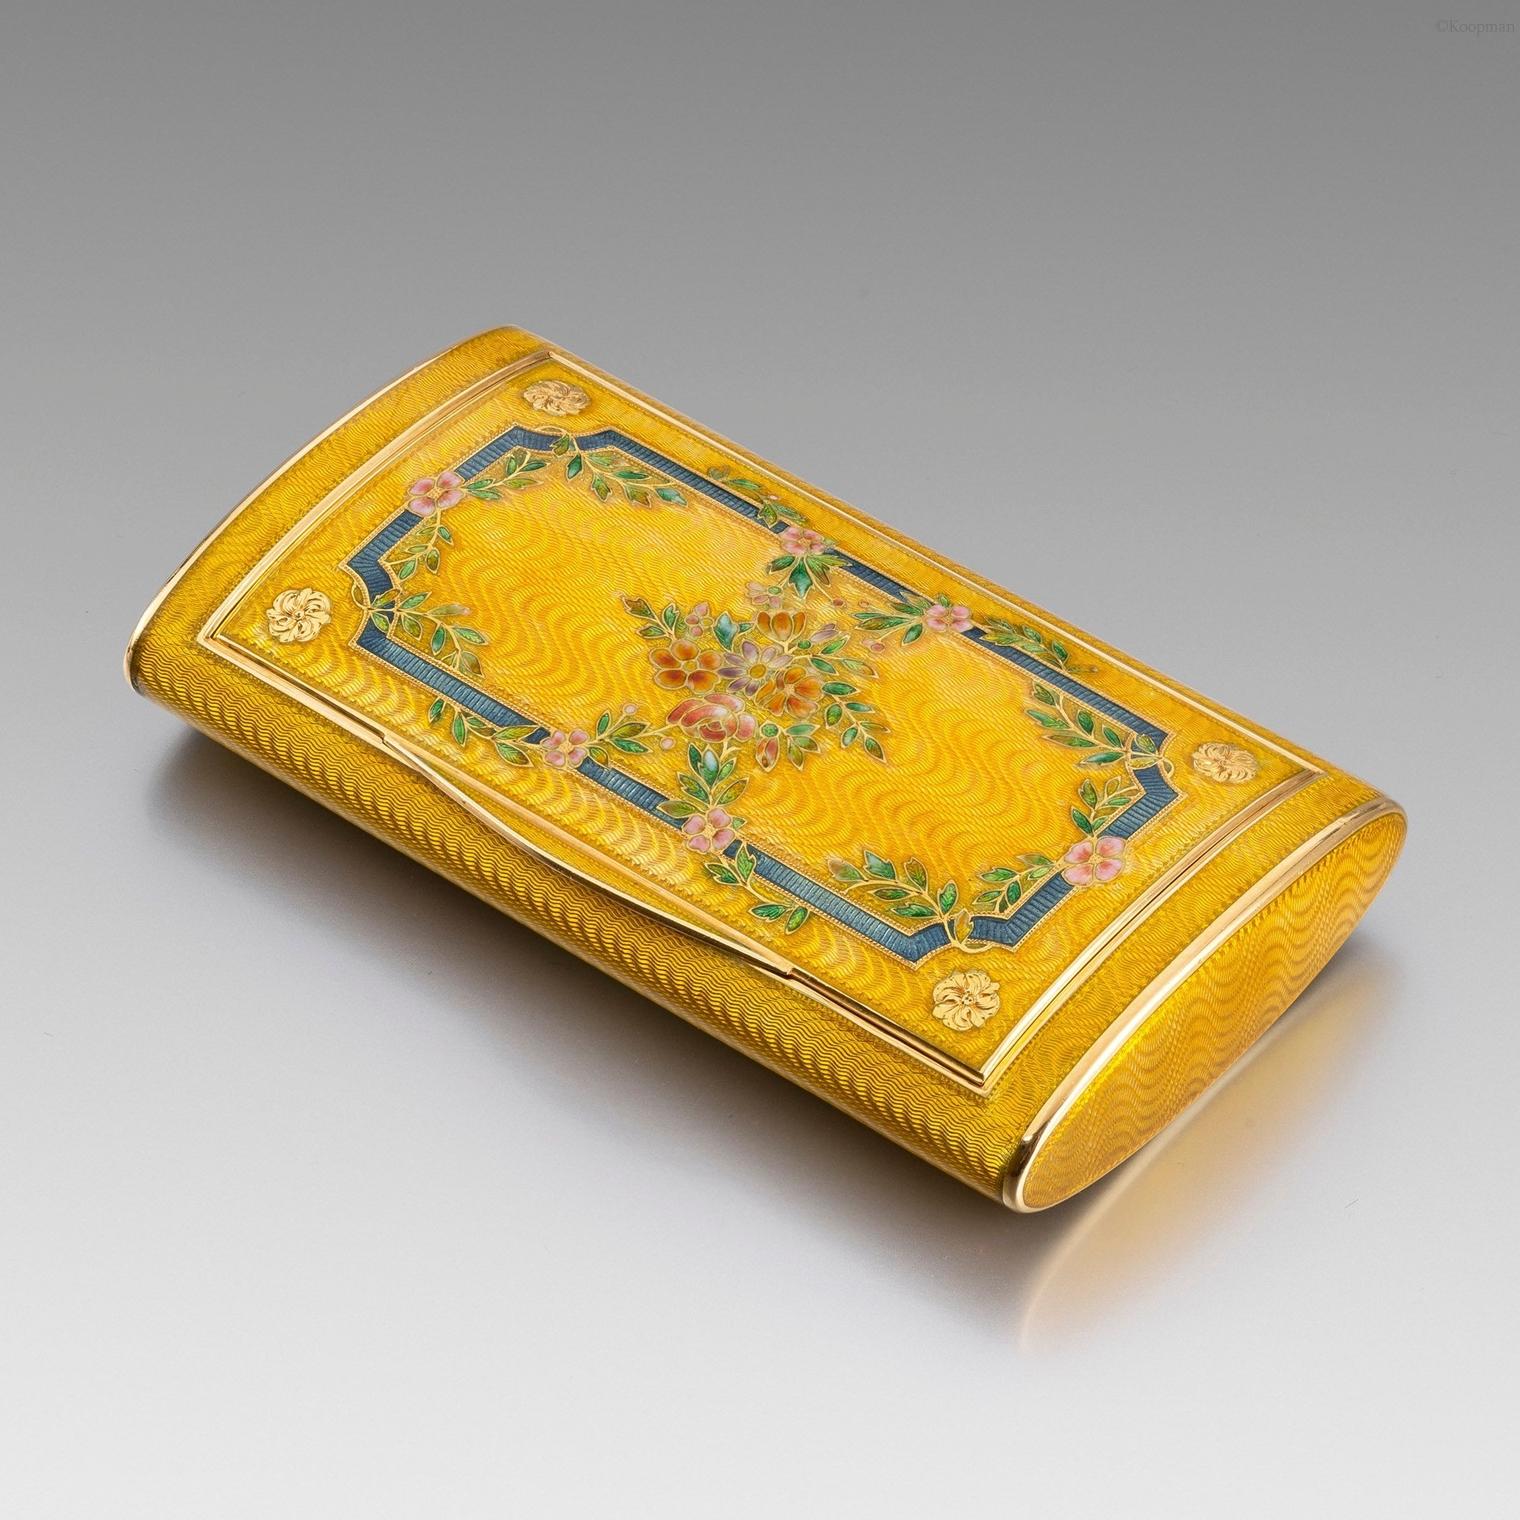 A 19th Century French Gold & Enamel Snuff Box